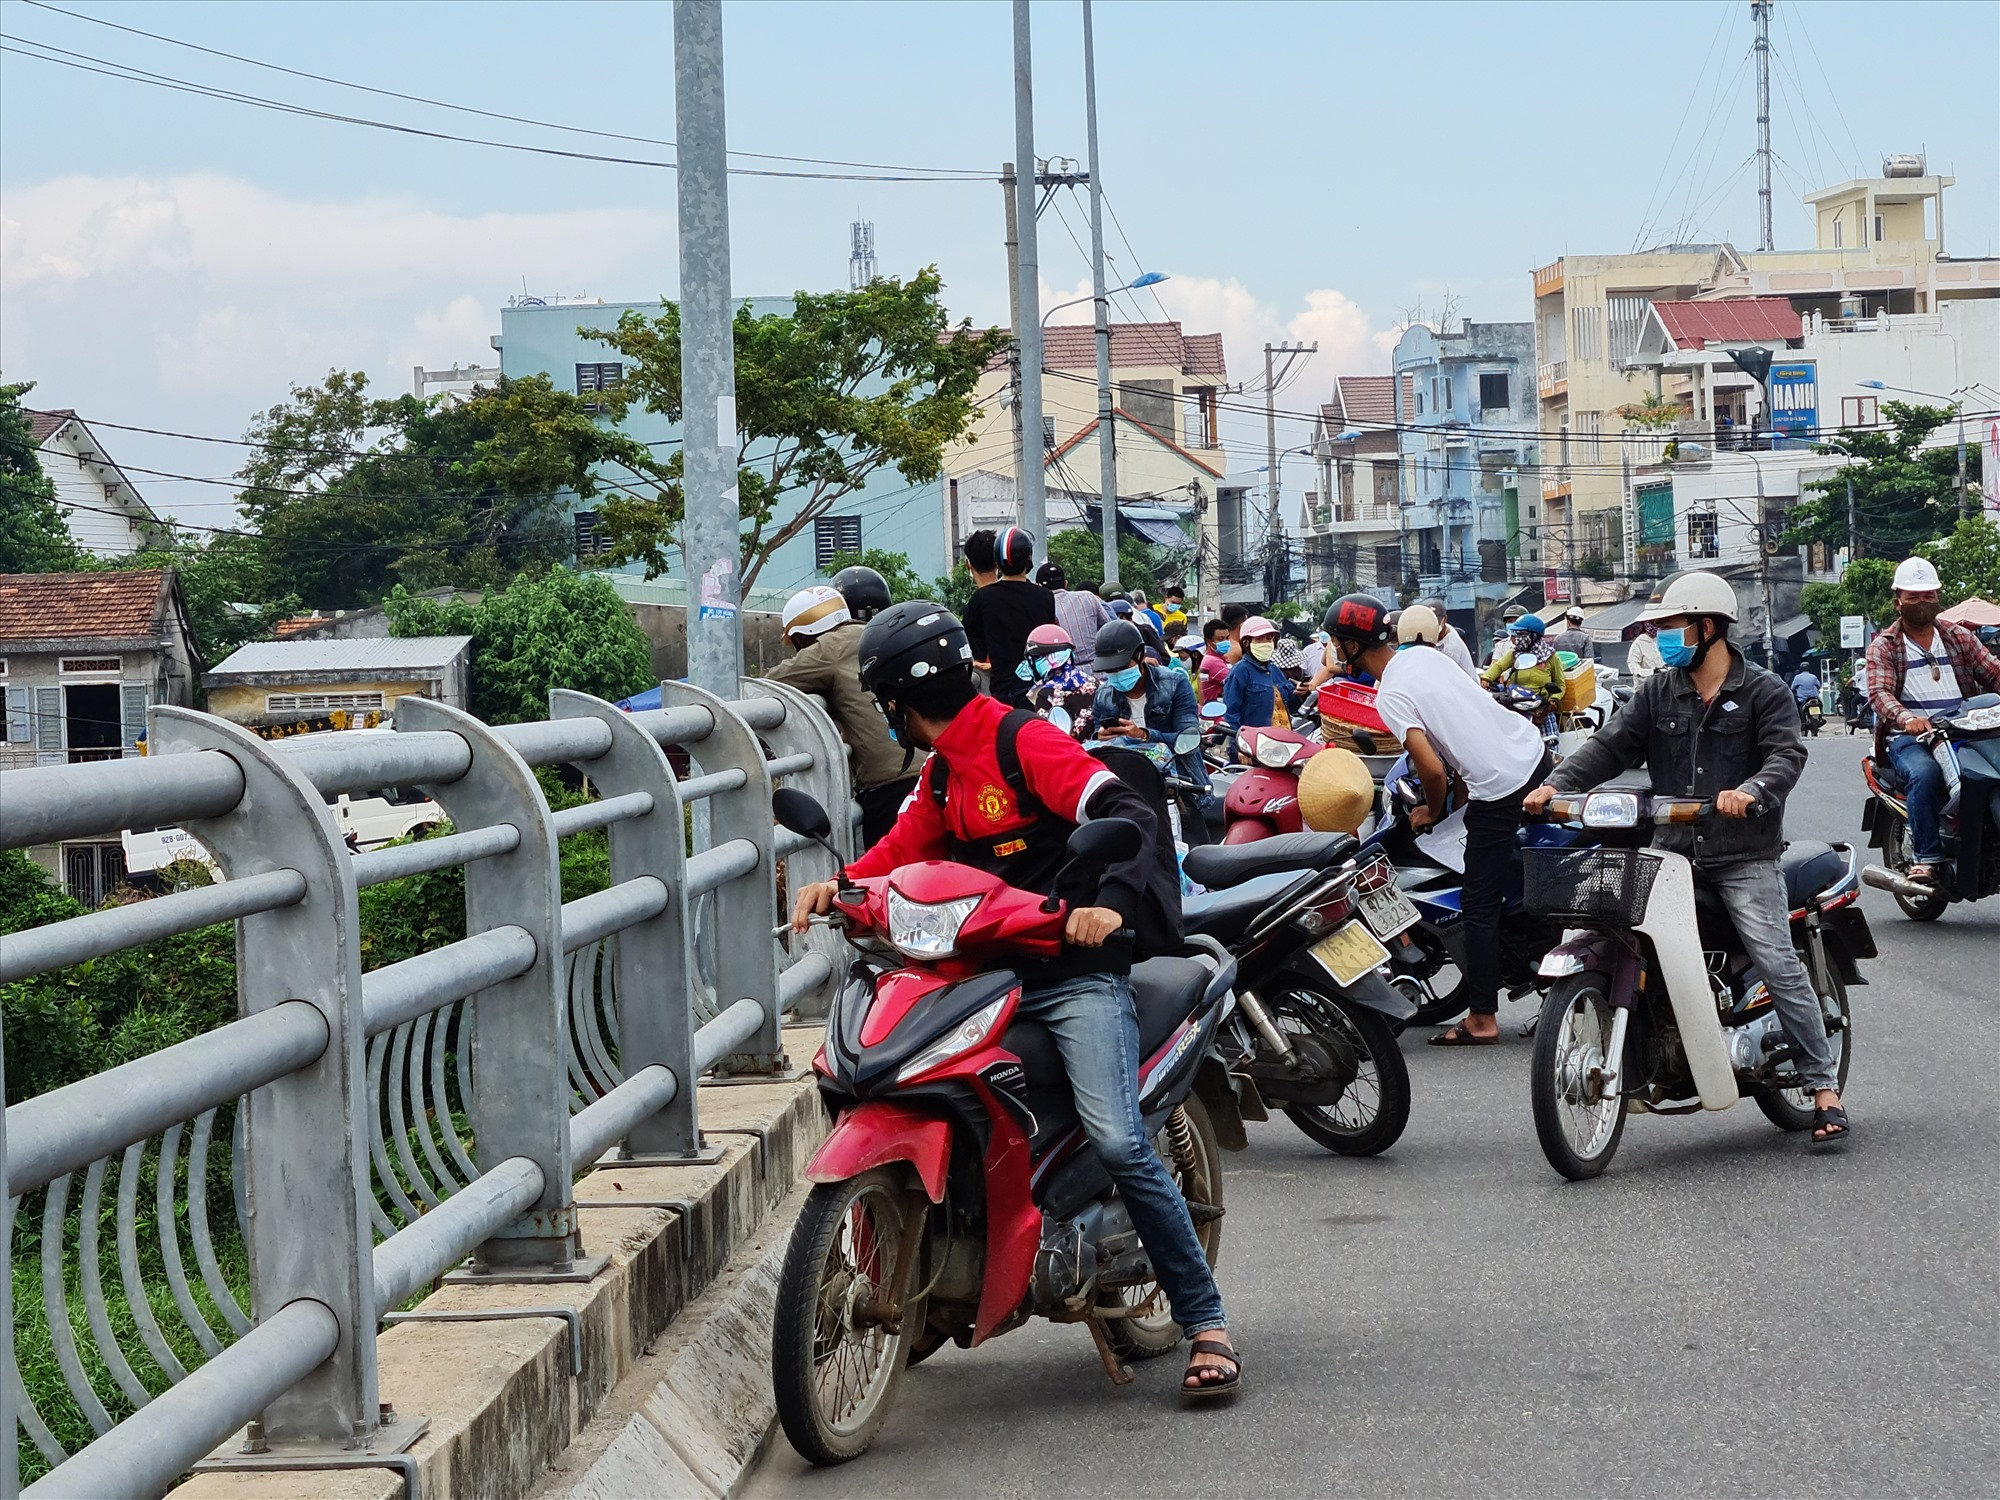 Rất đông người dân tập trung trên cầu theo dõi sự việc. Ảnh: T.N